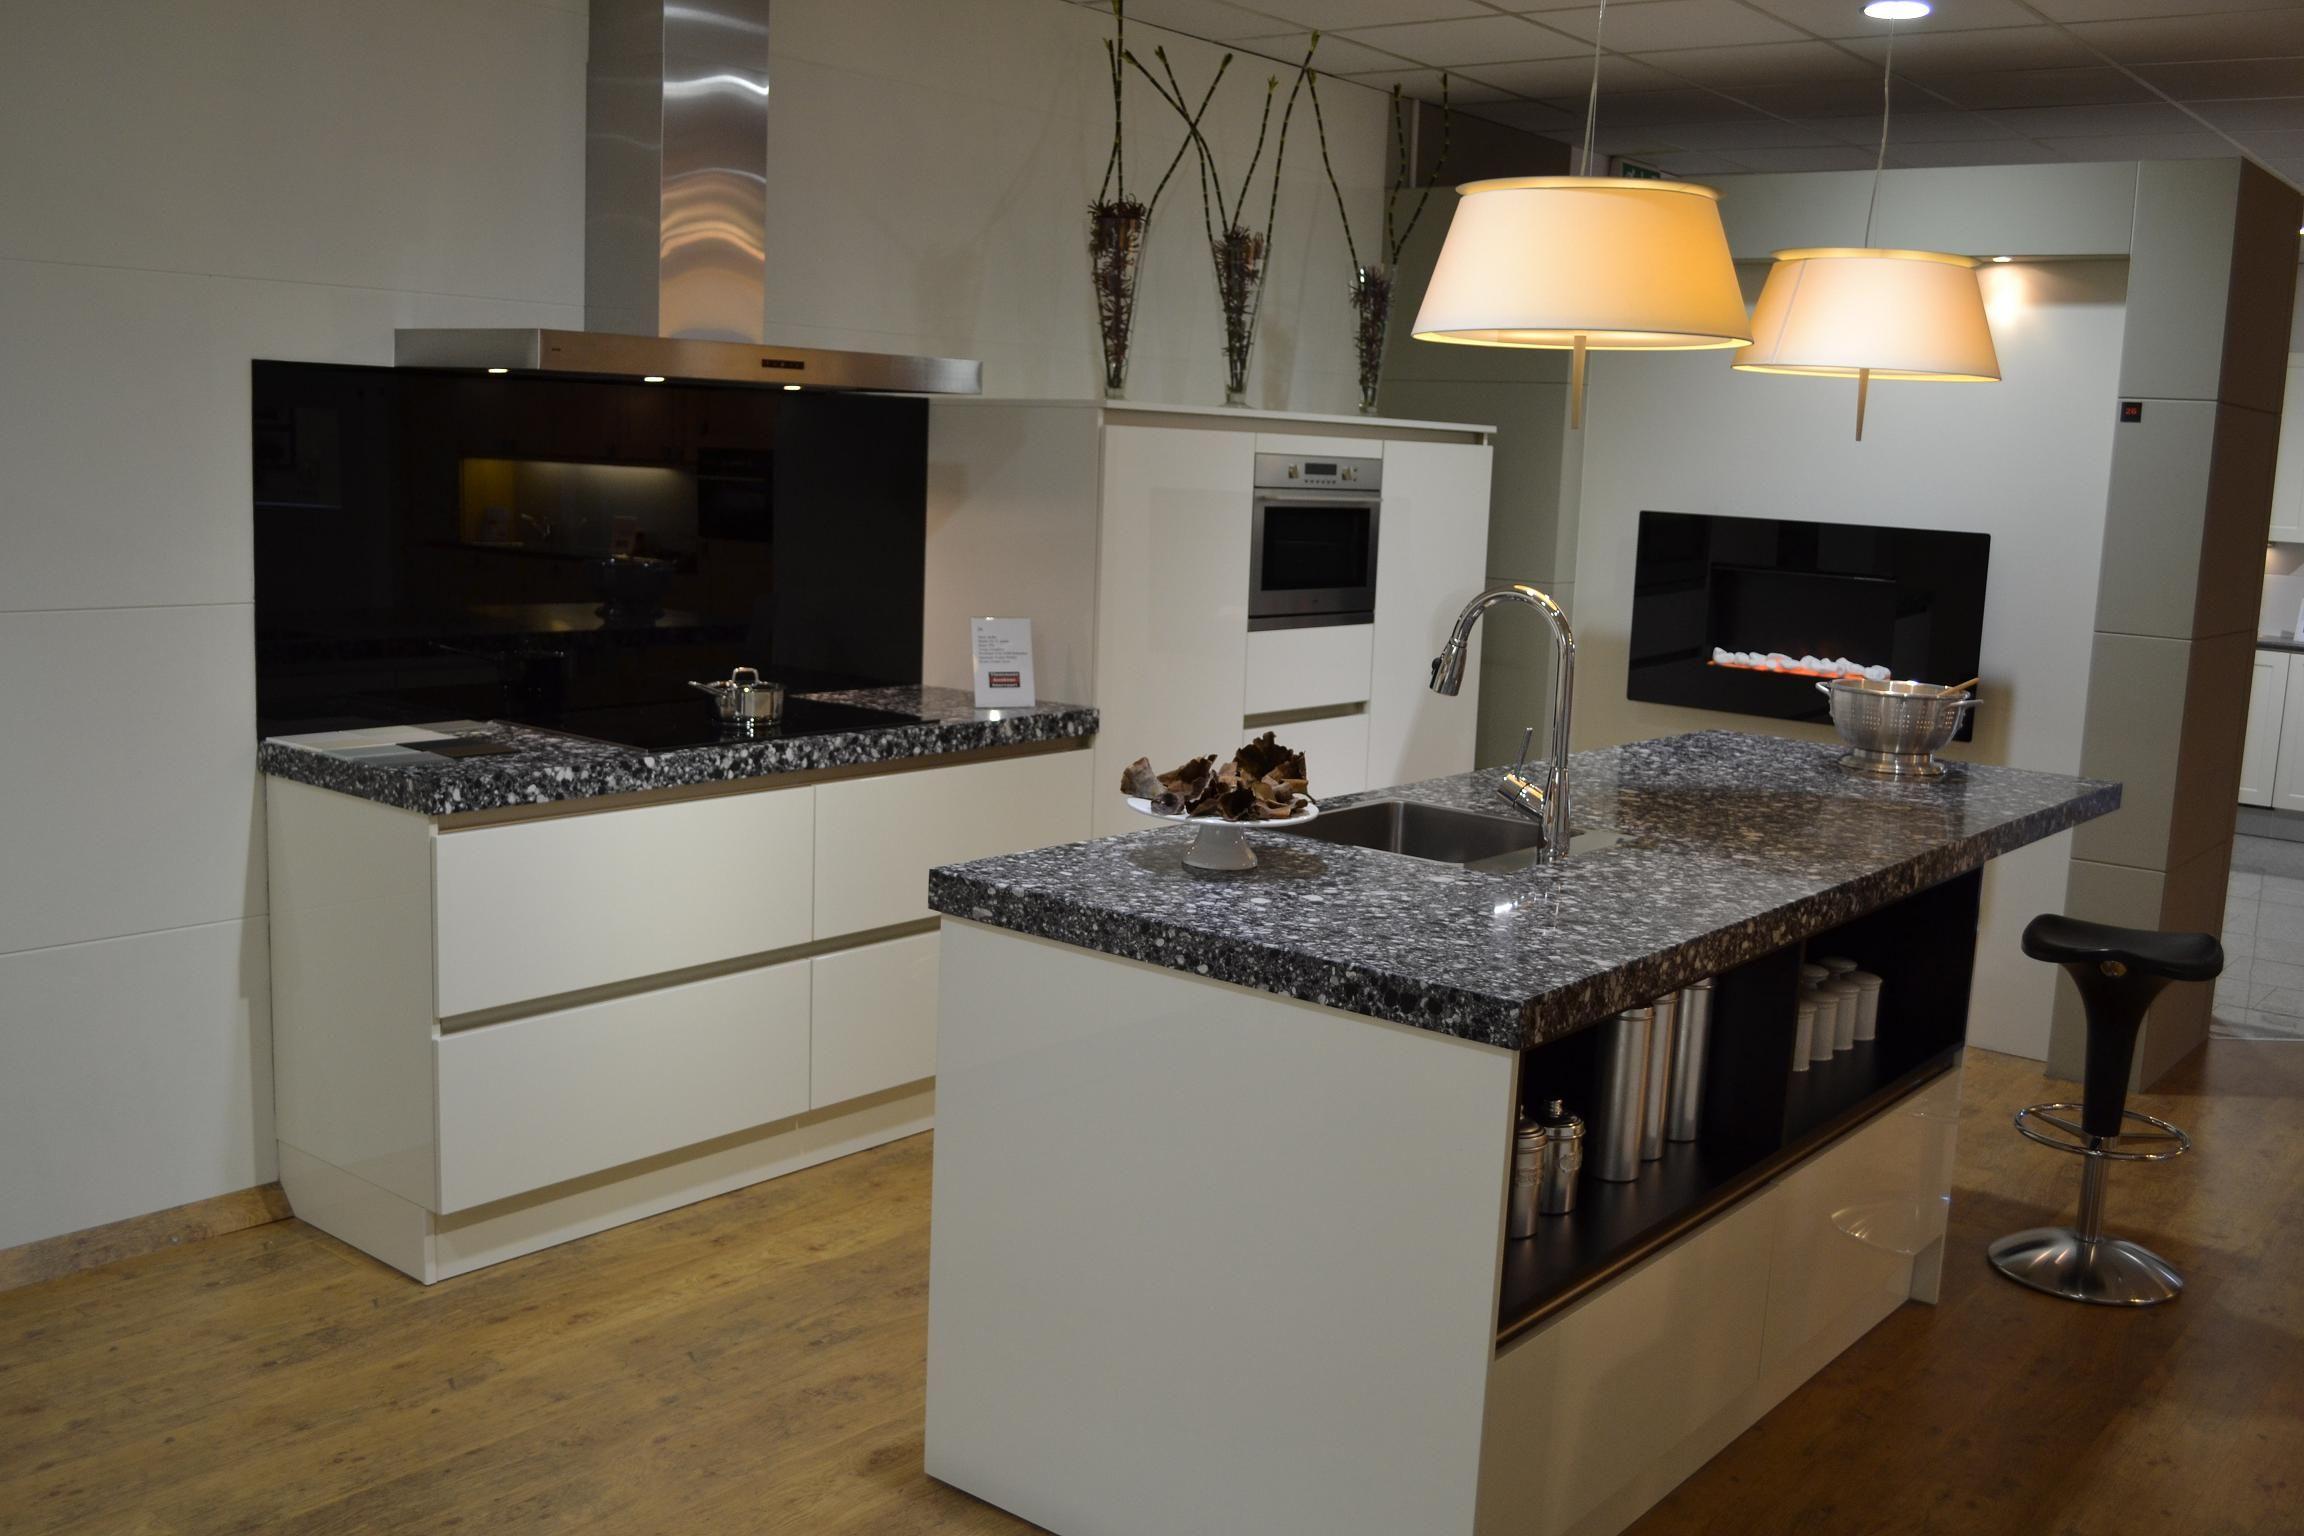 Hoogglans Keuken Ikea : keller keuken wit hoogglans 42816 deze keuken is van het merk keller